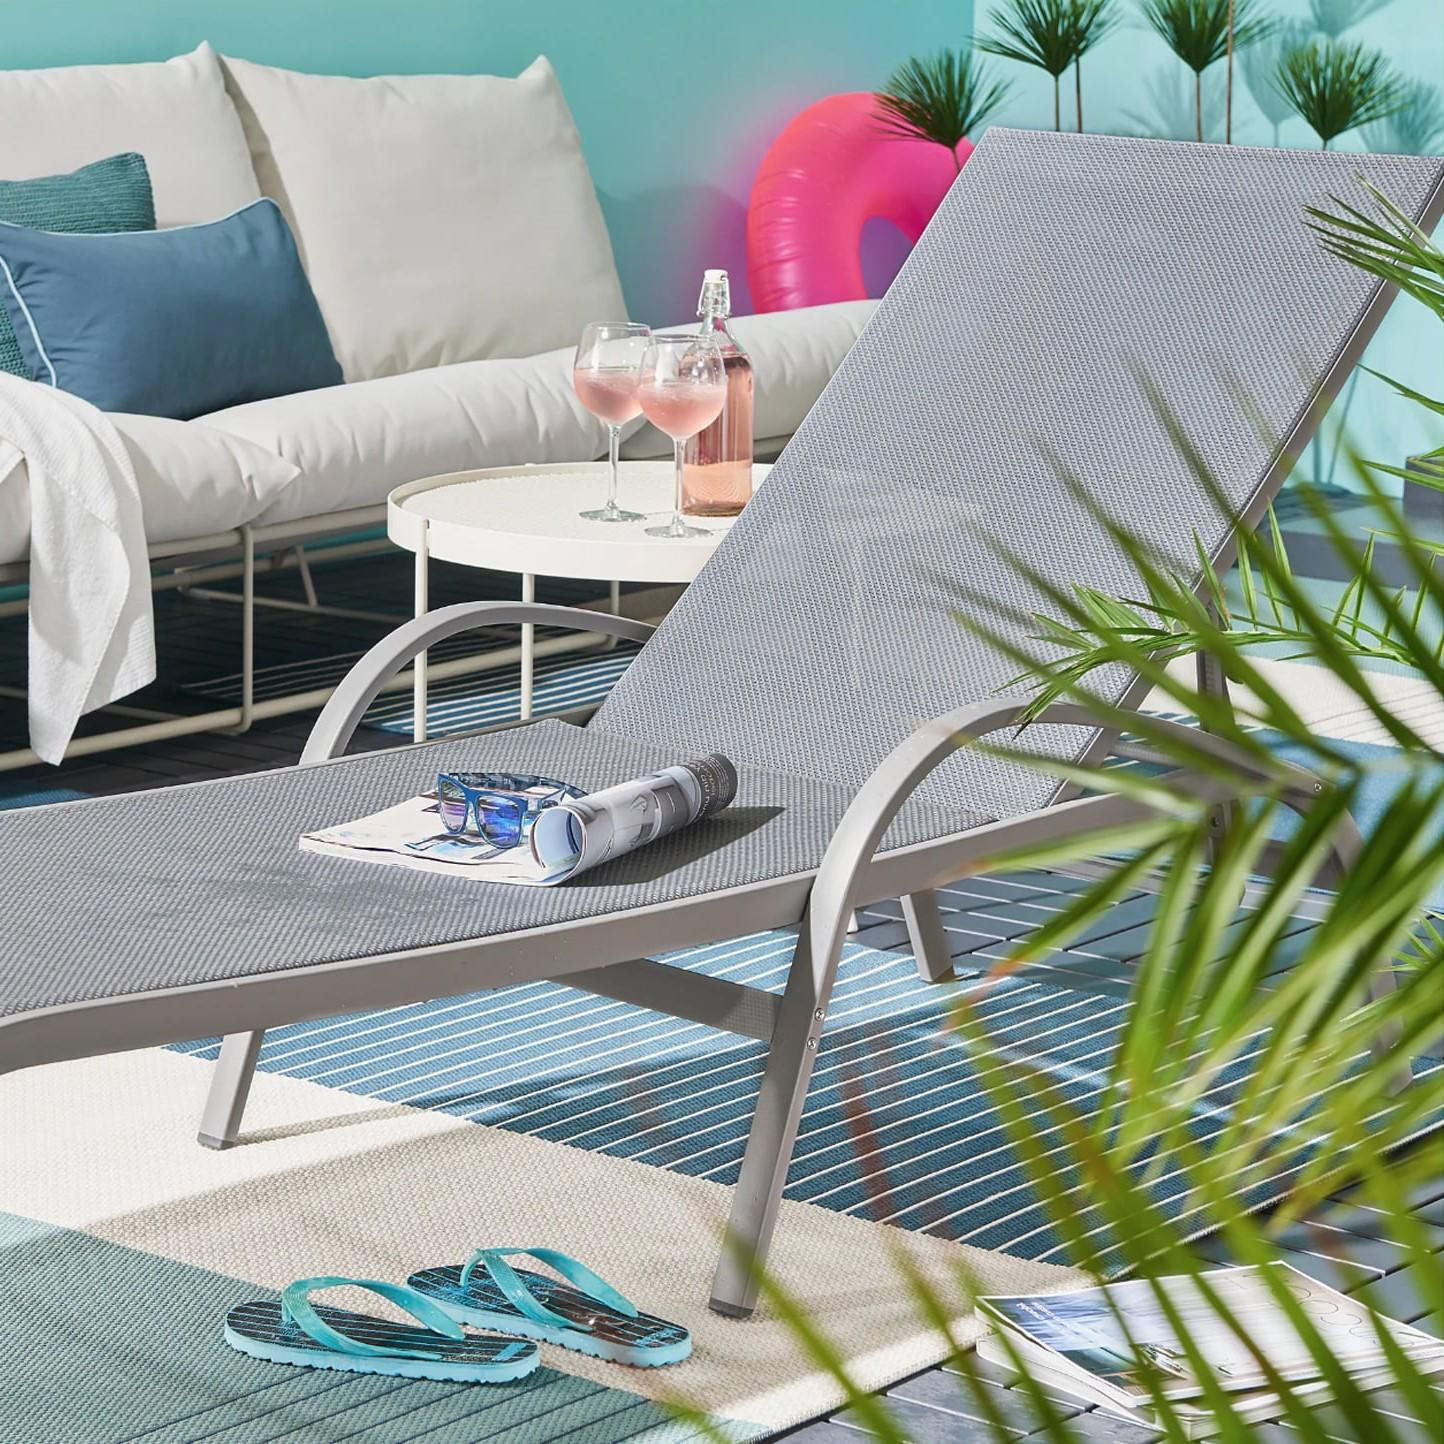 Bien sûr, vous pouvez choisir un modèle plus simple. L'avantage, c'est que ce type de mobilier de jardin n'est pas cher.